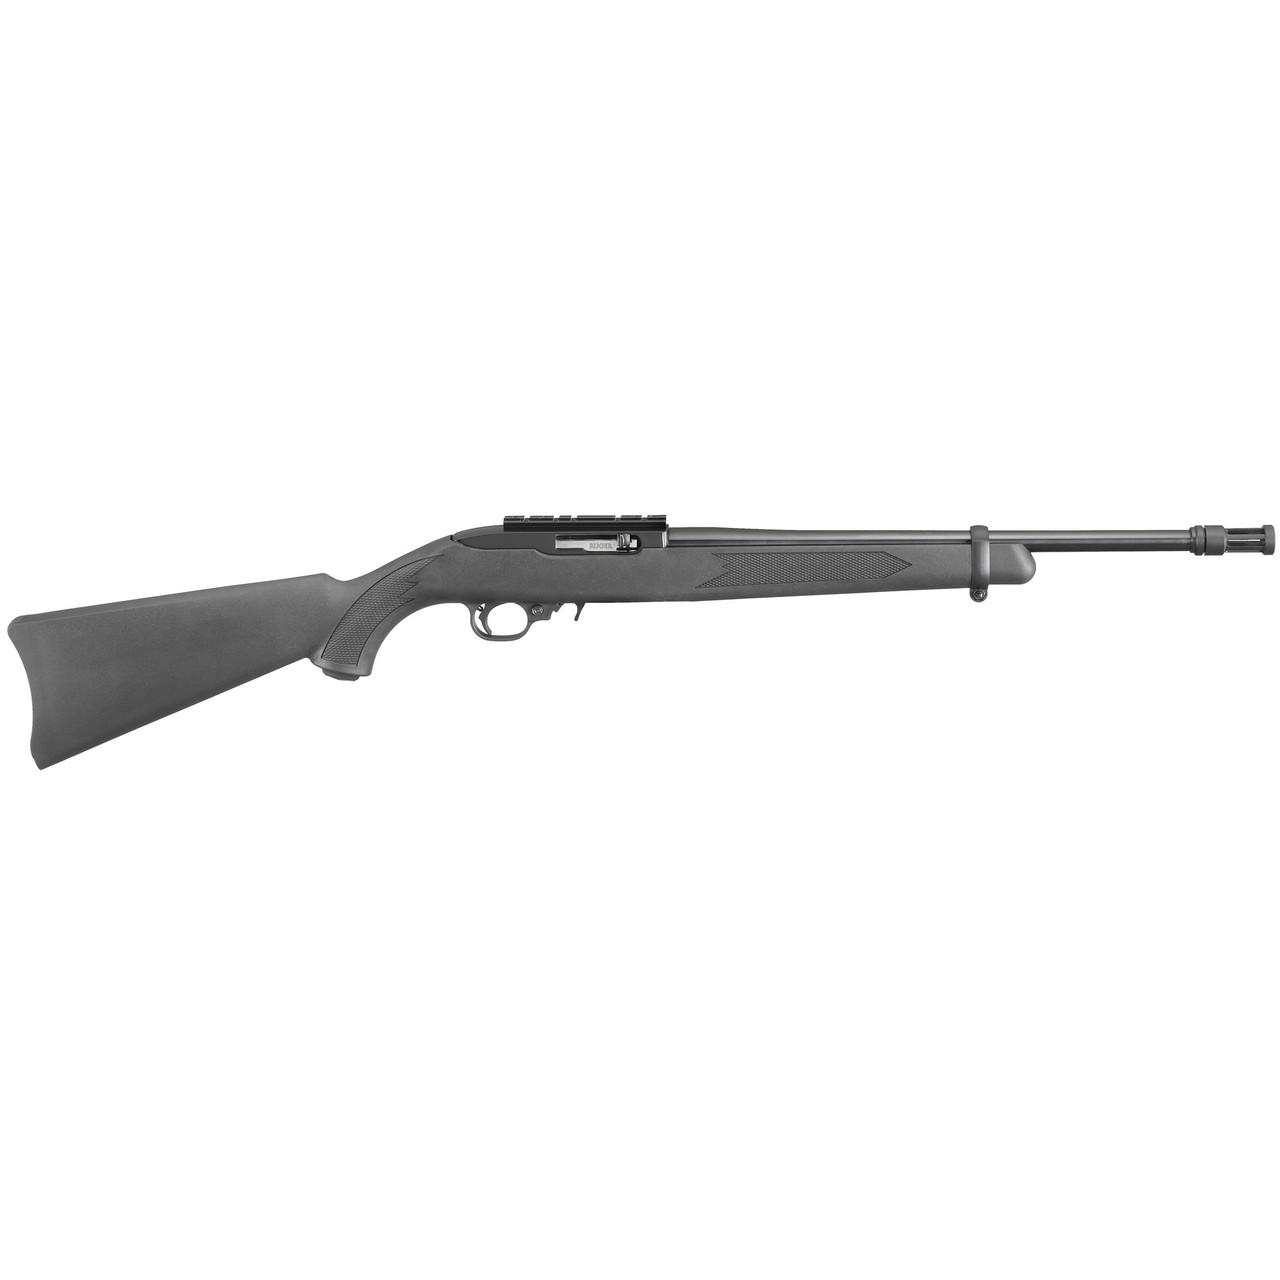 Ruger 10/22 Tactical CALIFORNIA LEGAL - .22 LR